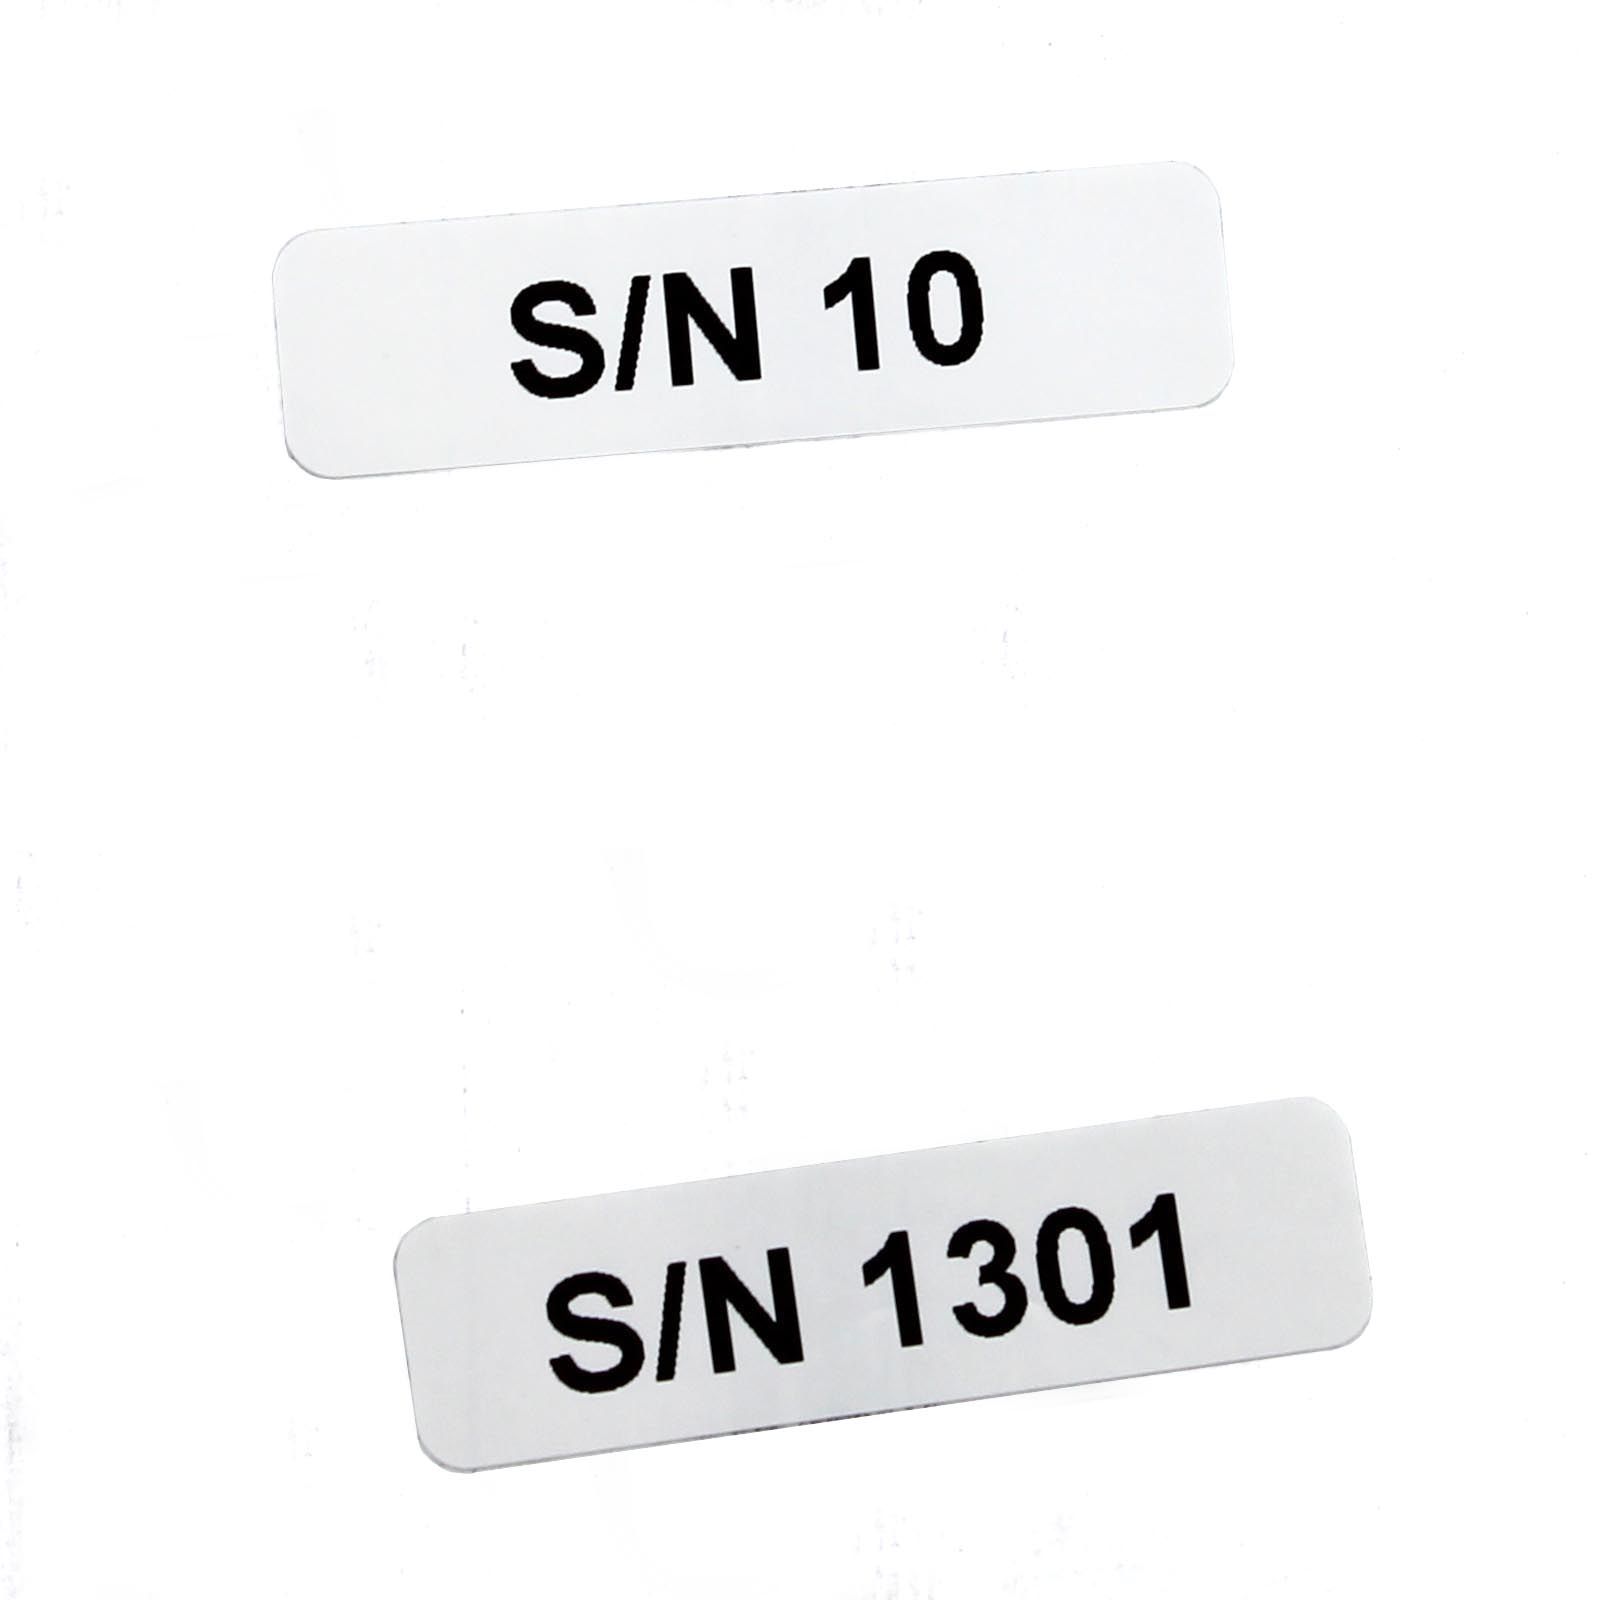 Этикетки 10*60 мм с напечатанным серийным номером